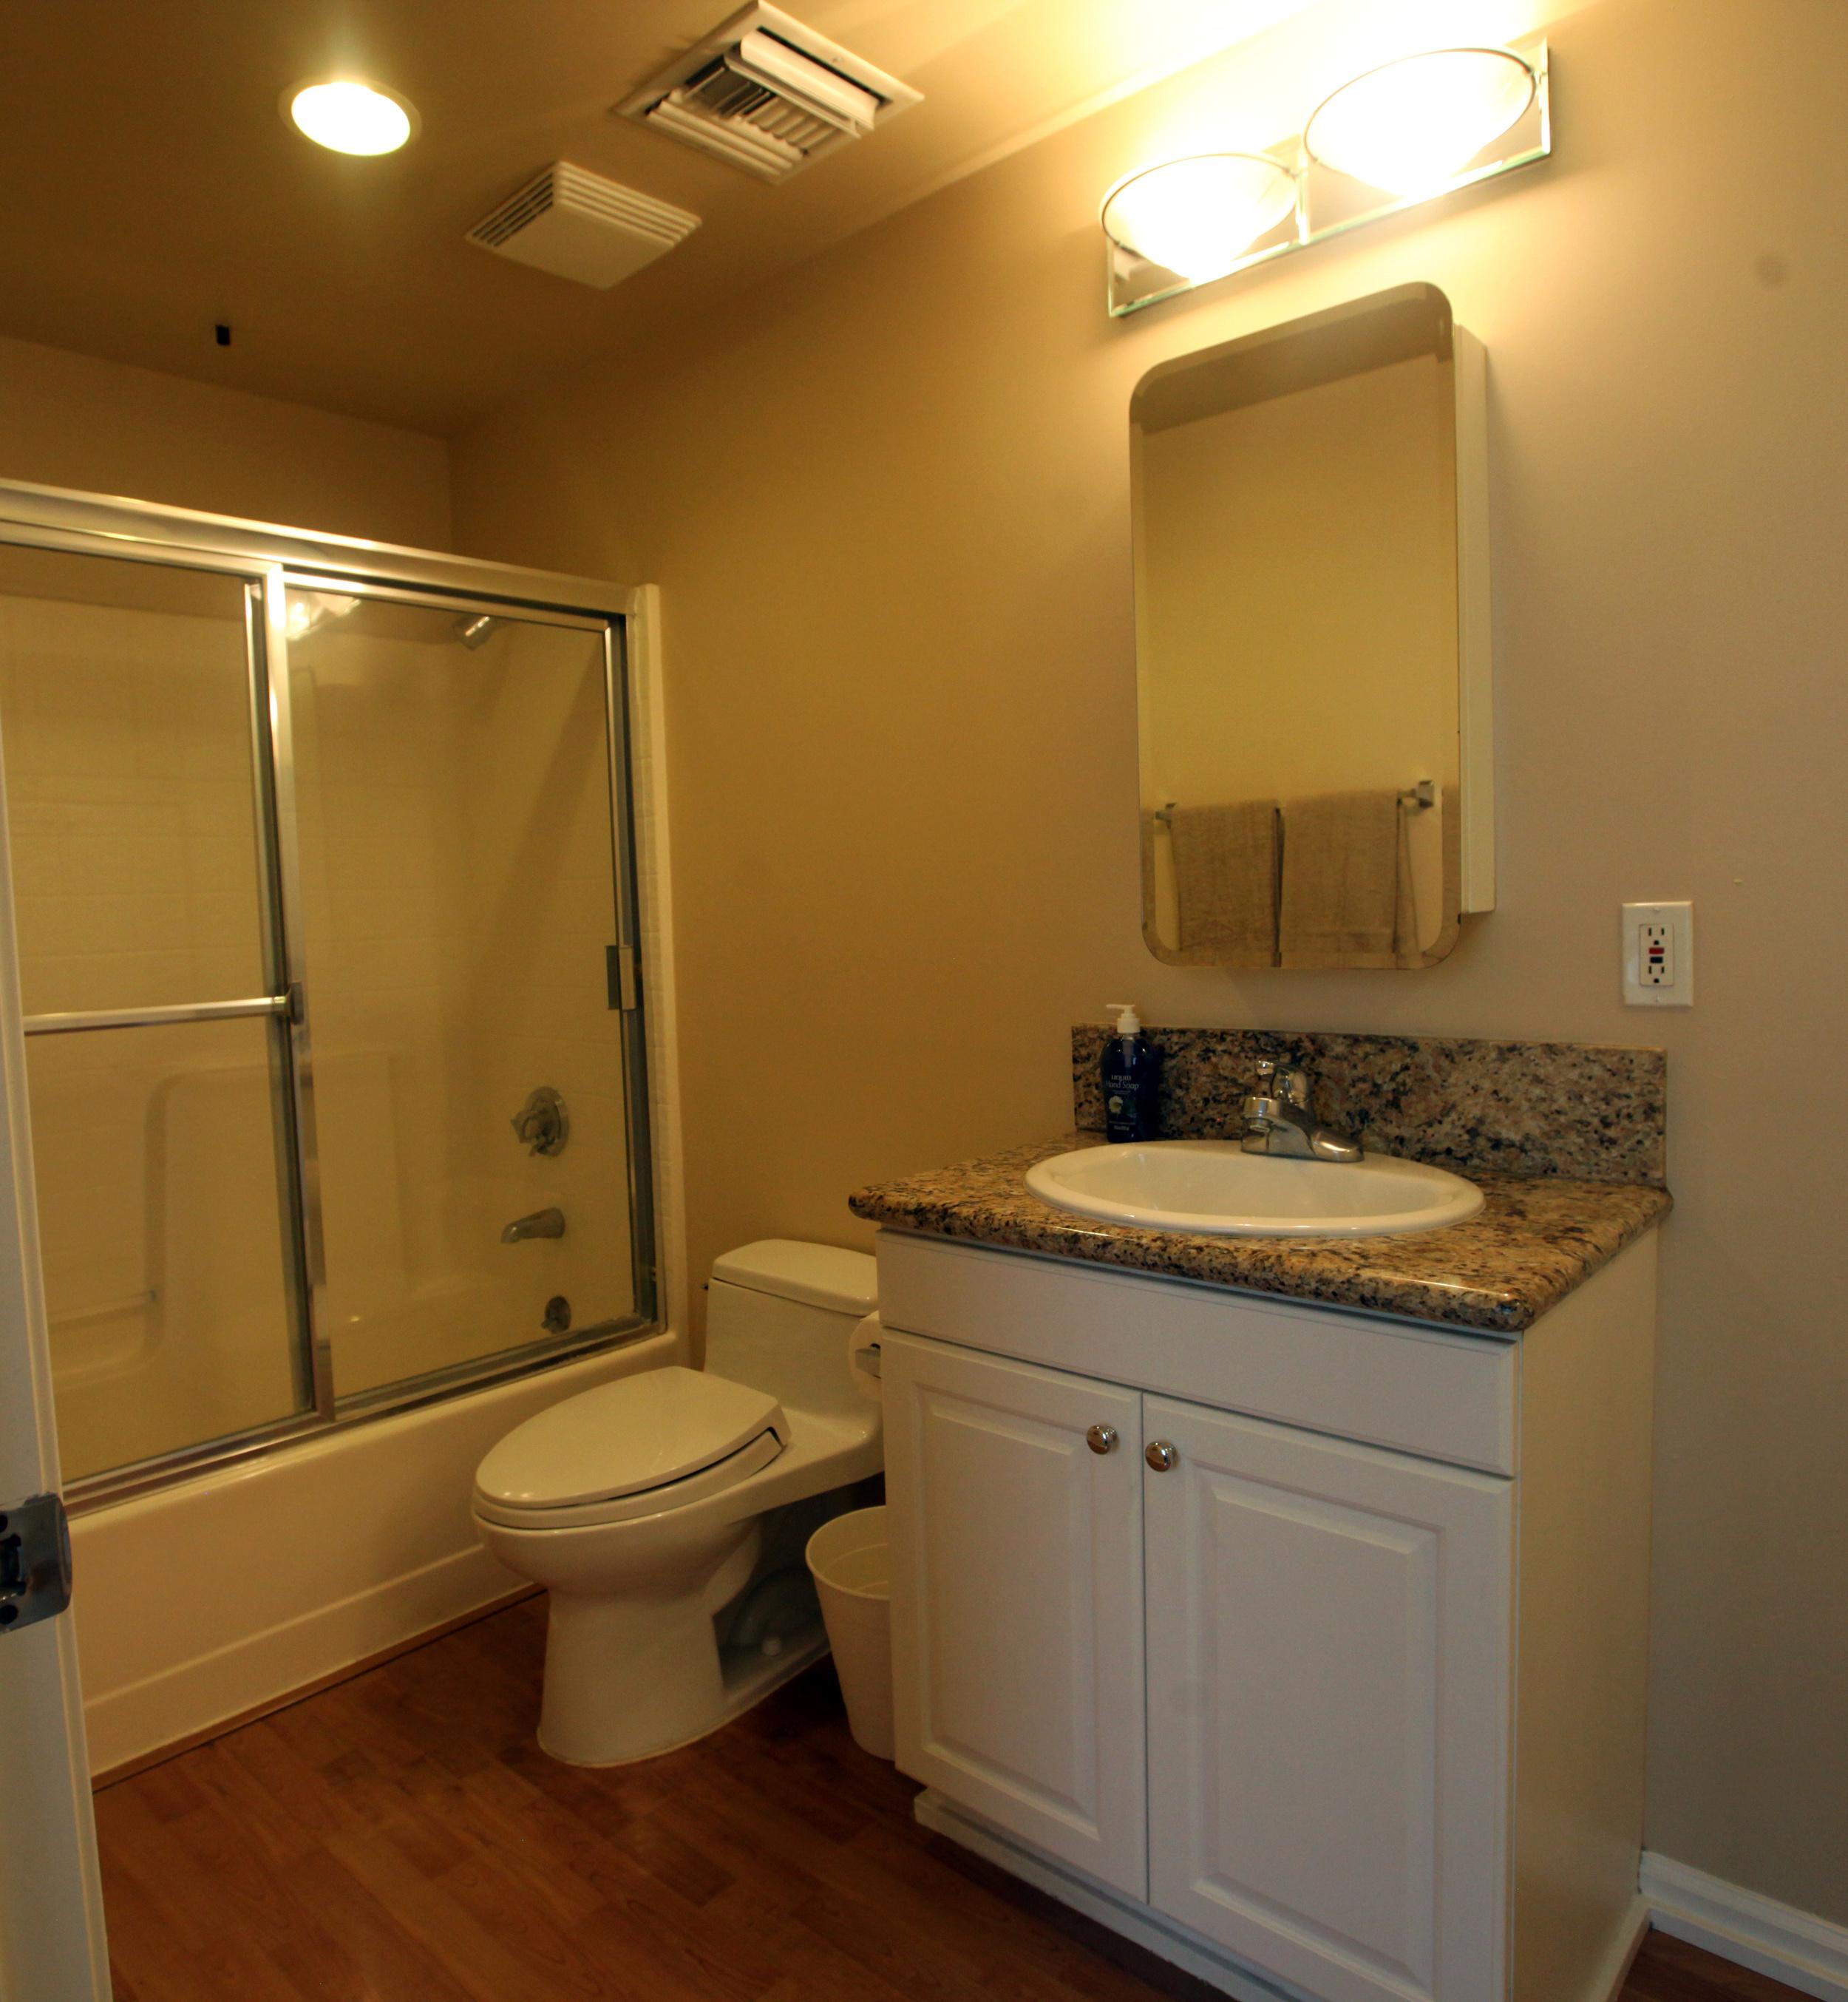 Unit 520 Bathroom